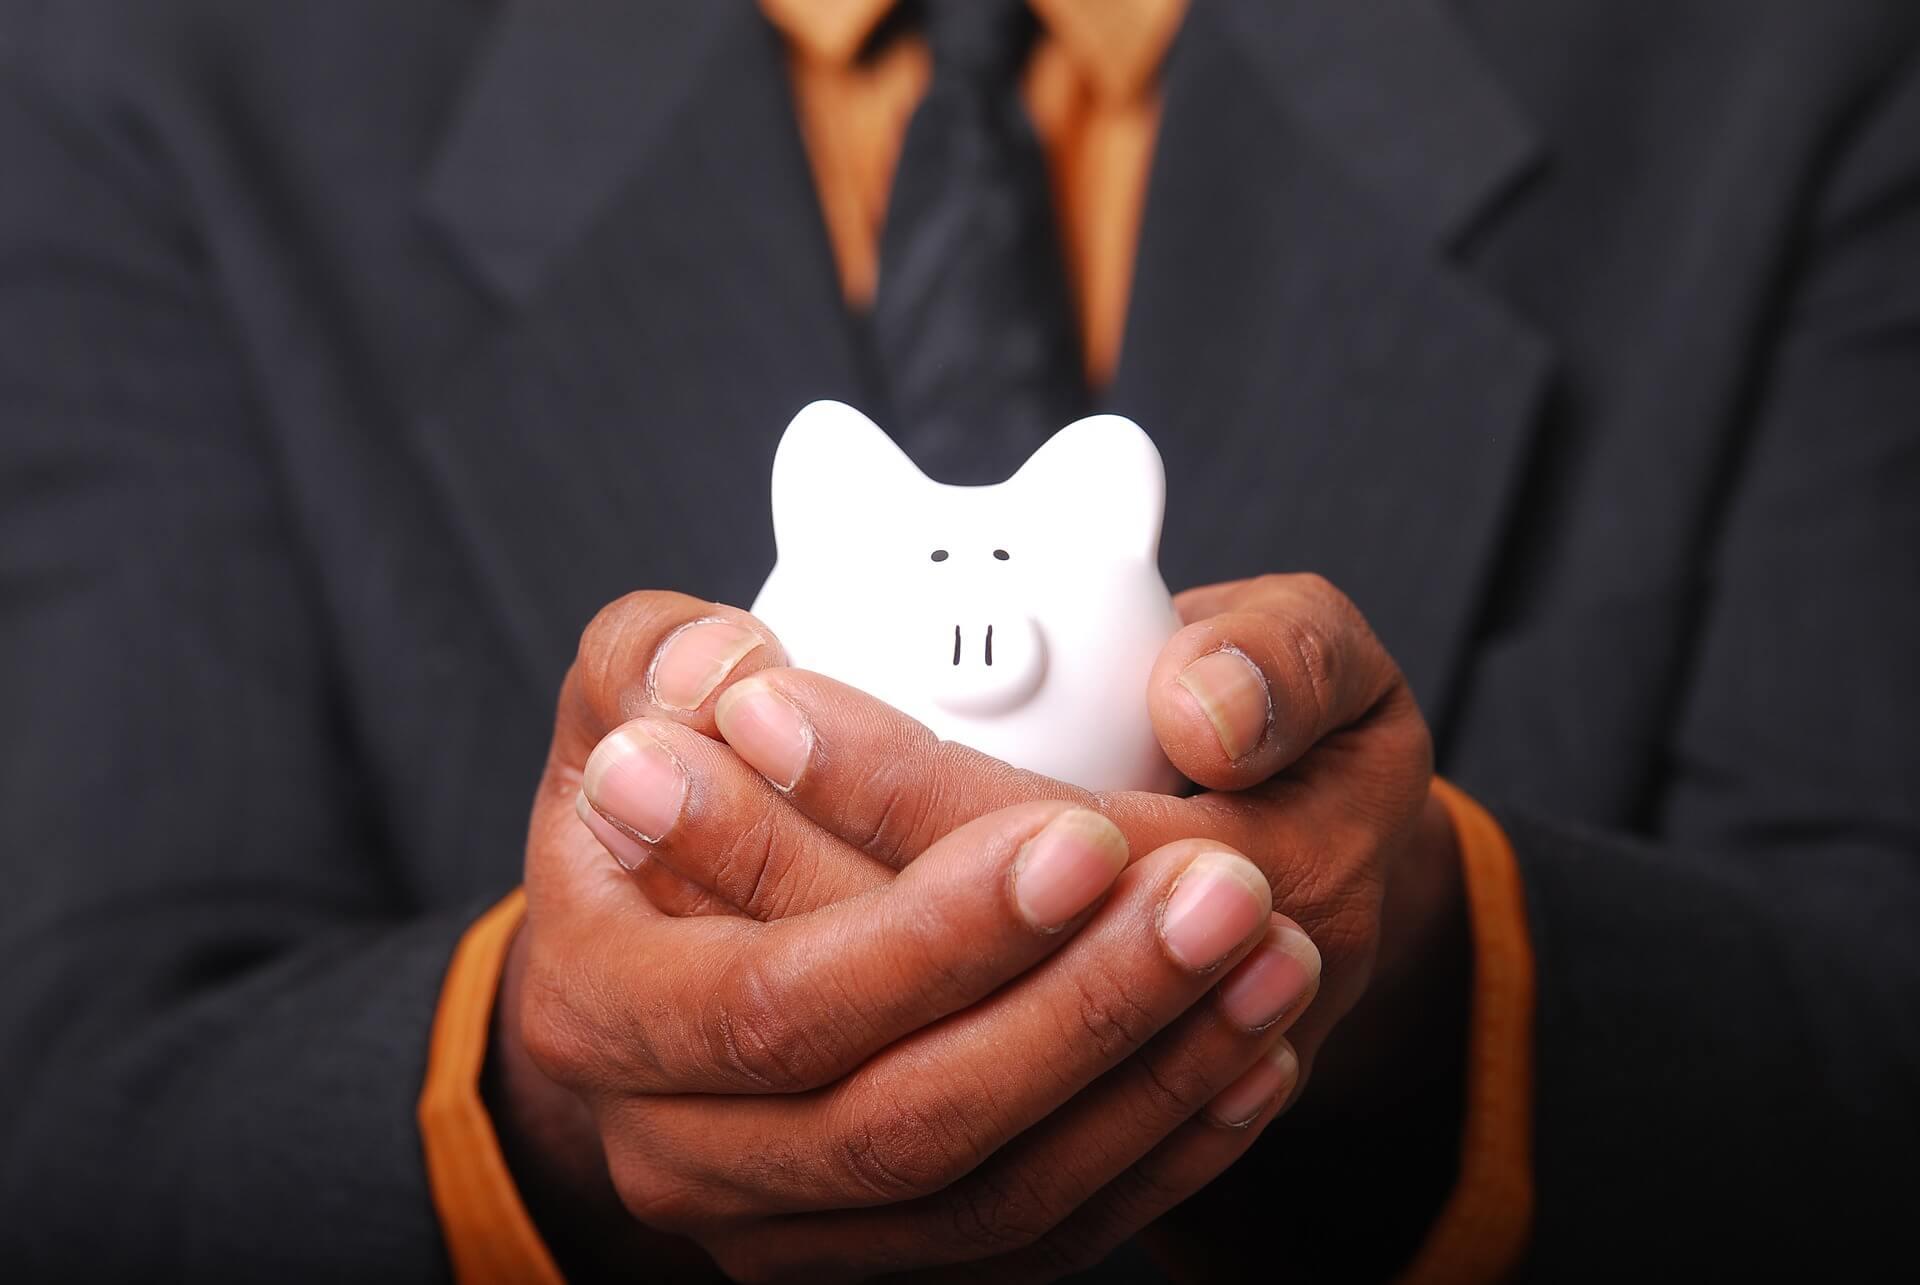 【ノーワーク・ノーペイの原則とは】給与支払いの基本の考え方